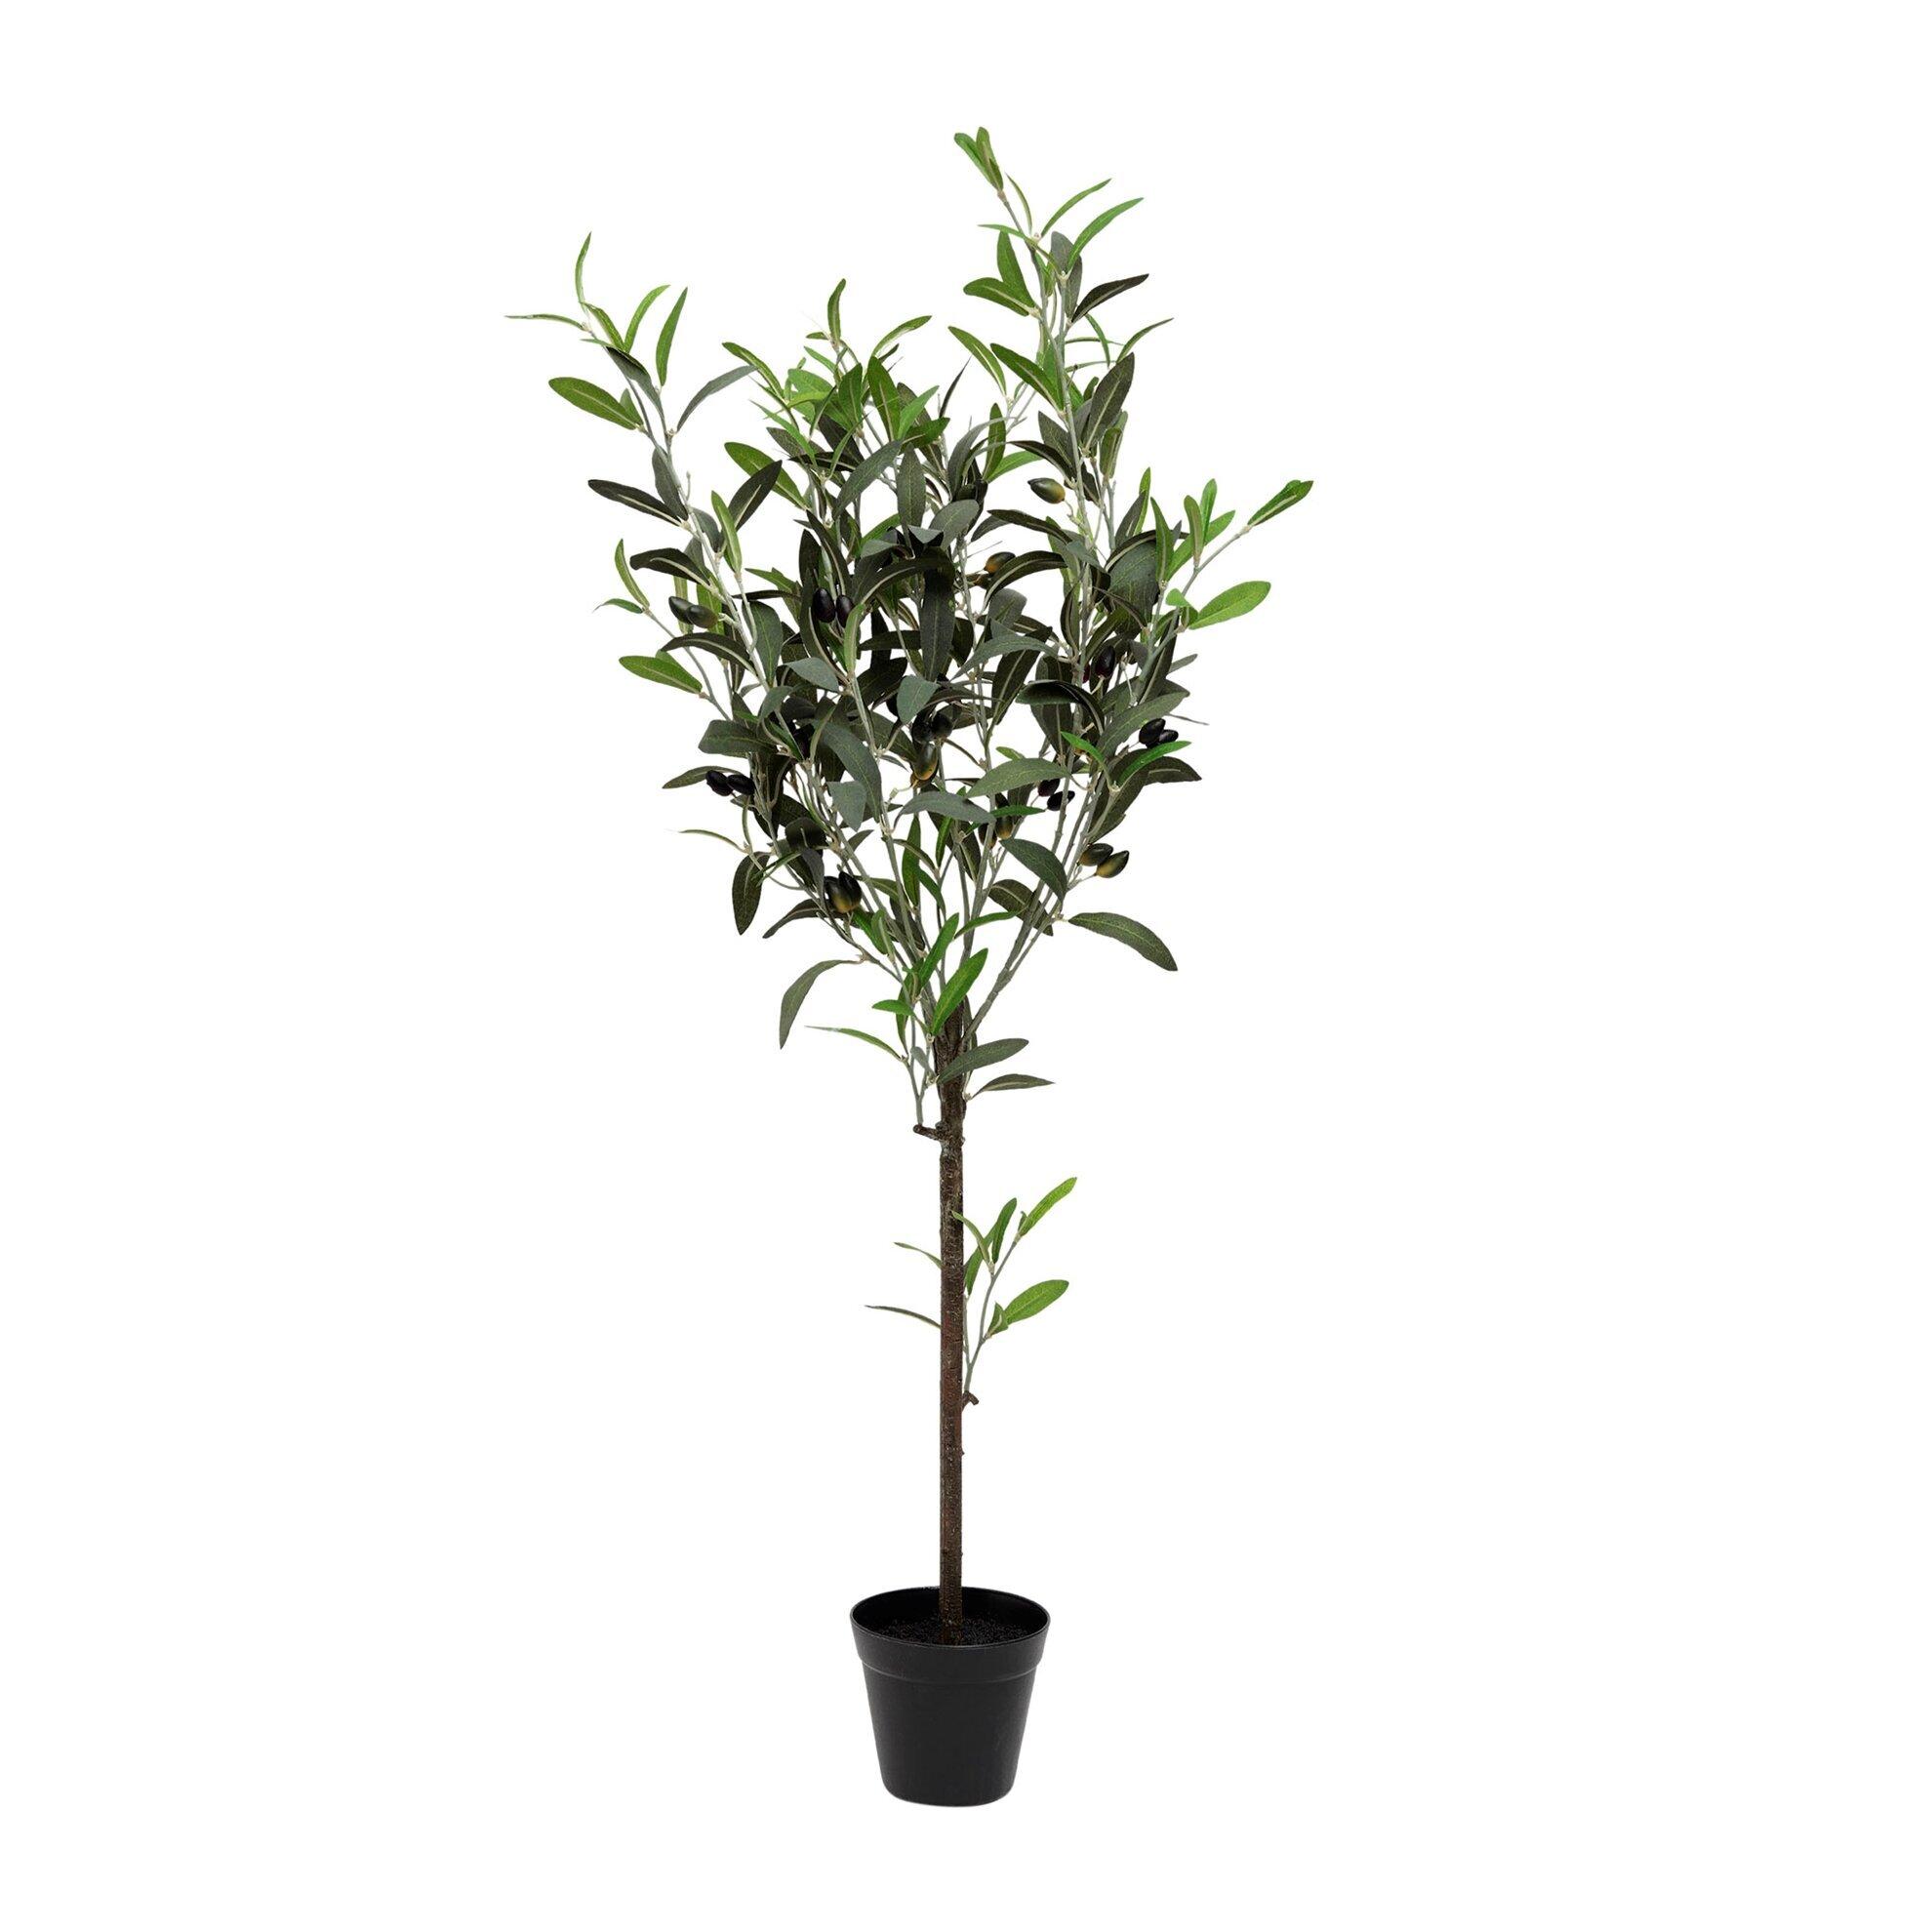 Dekoratif Bitki  - Zeytin Ağacı (57x43x108cm)